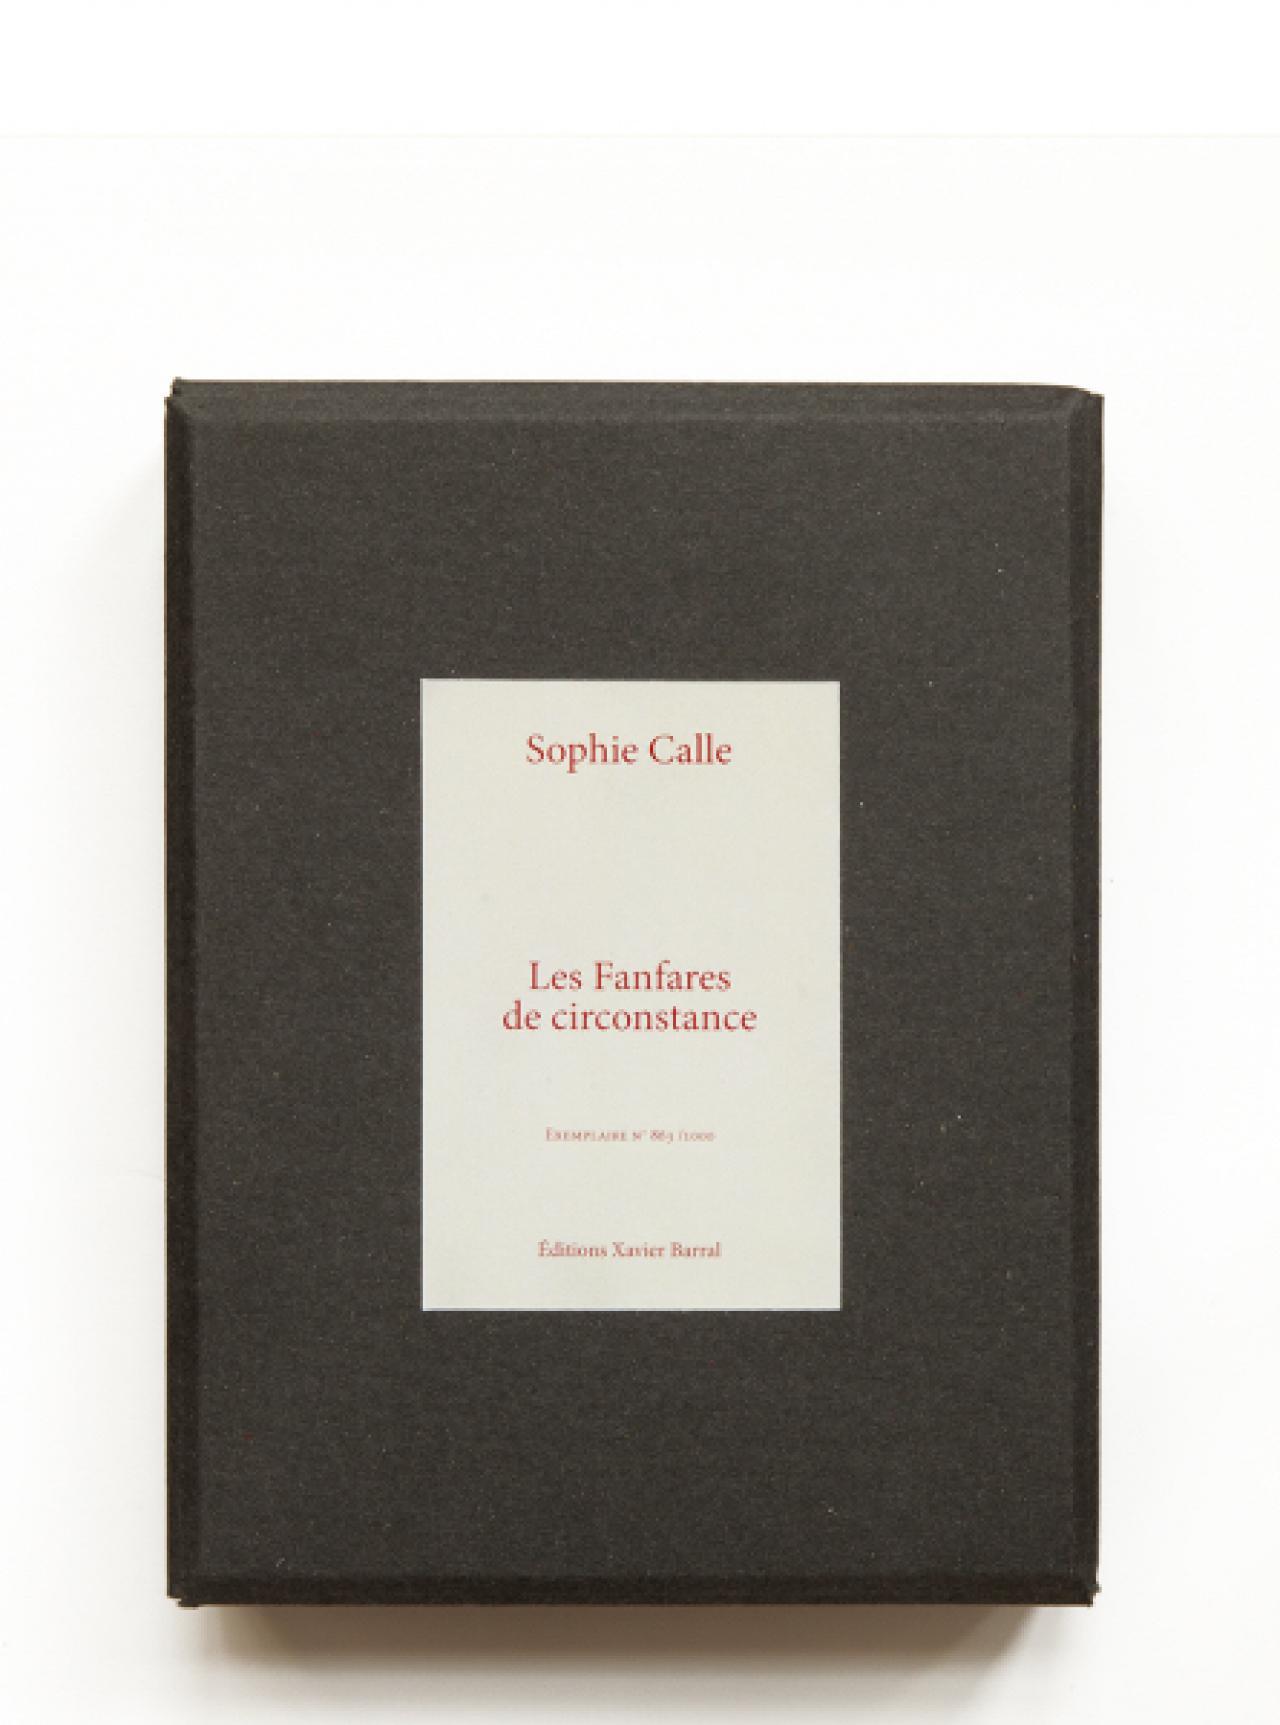 Sophie Calle: Les Fanfares de circonstance